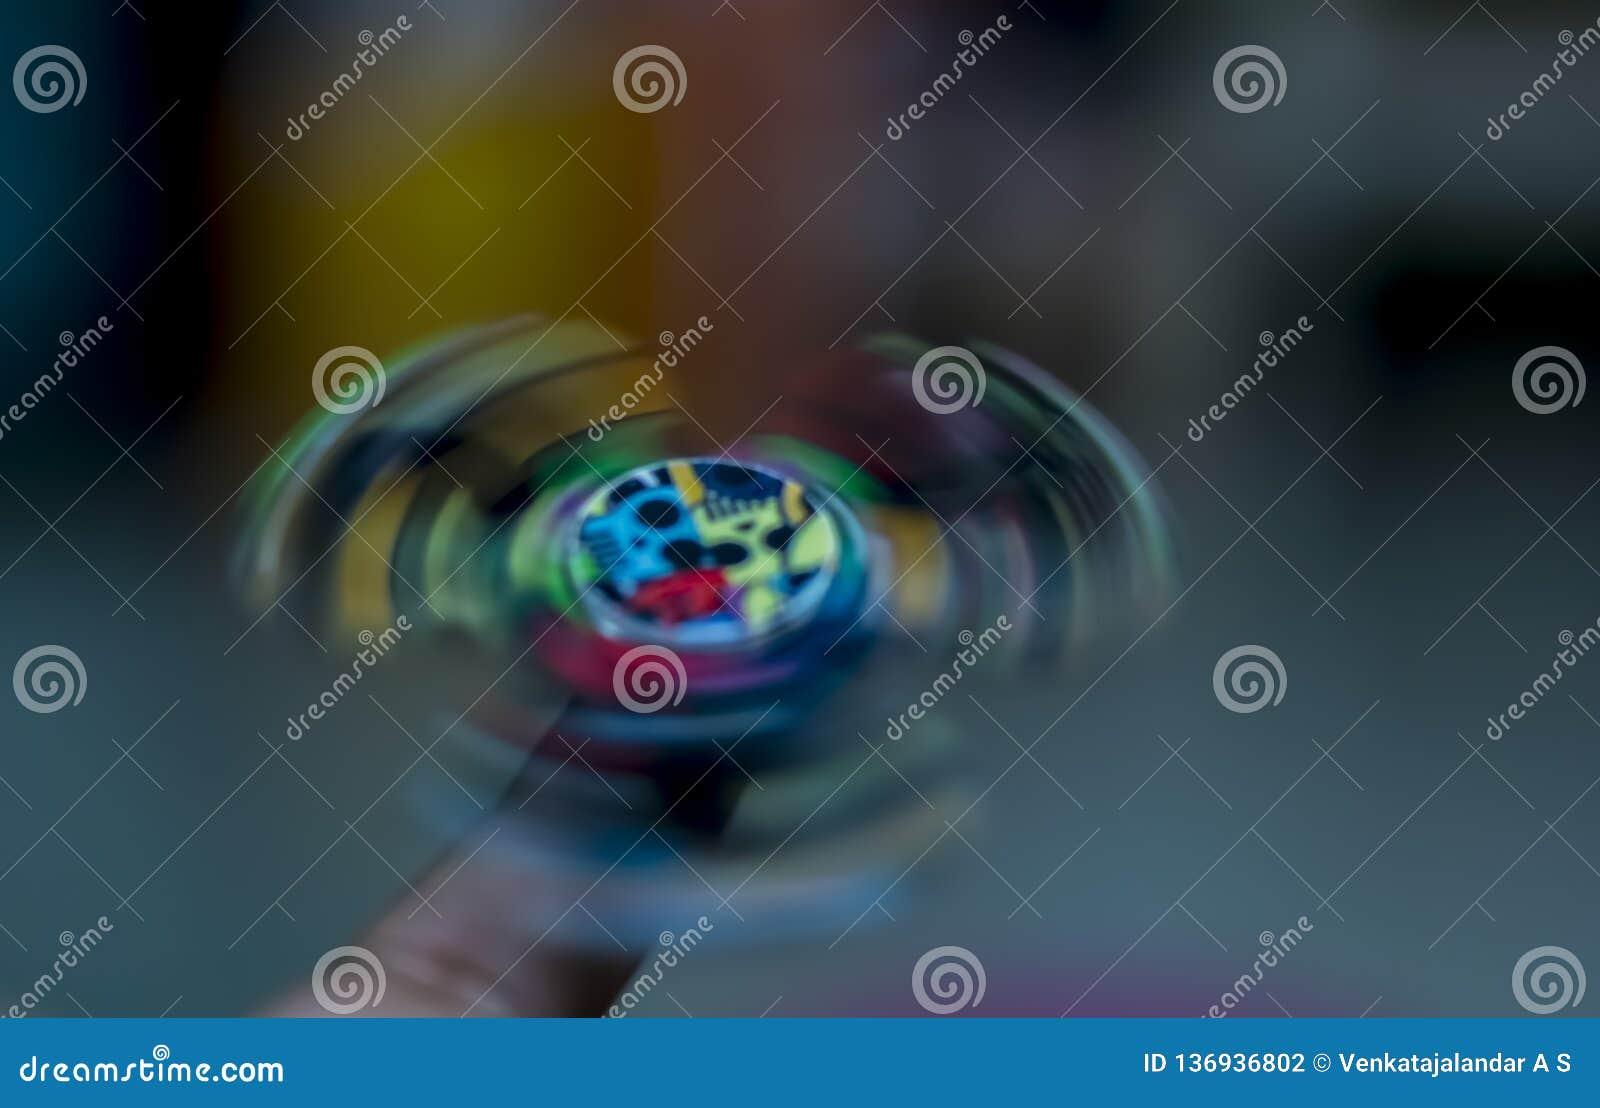 Fidget Spinner - spinning on a finger